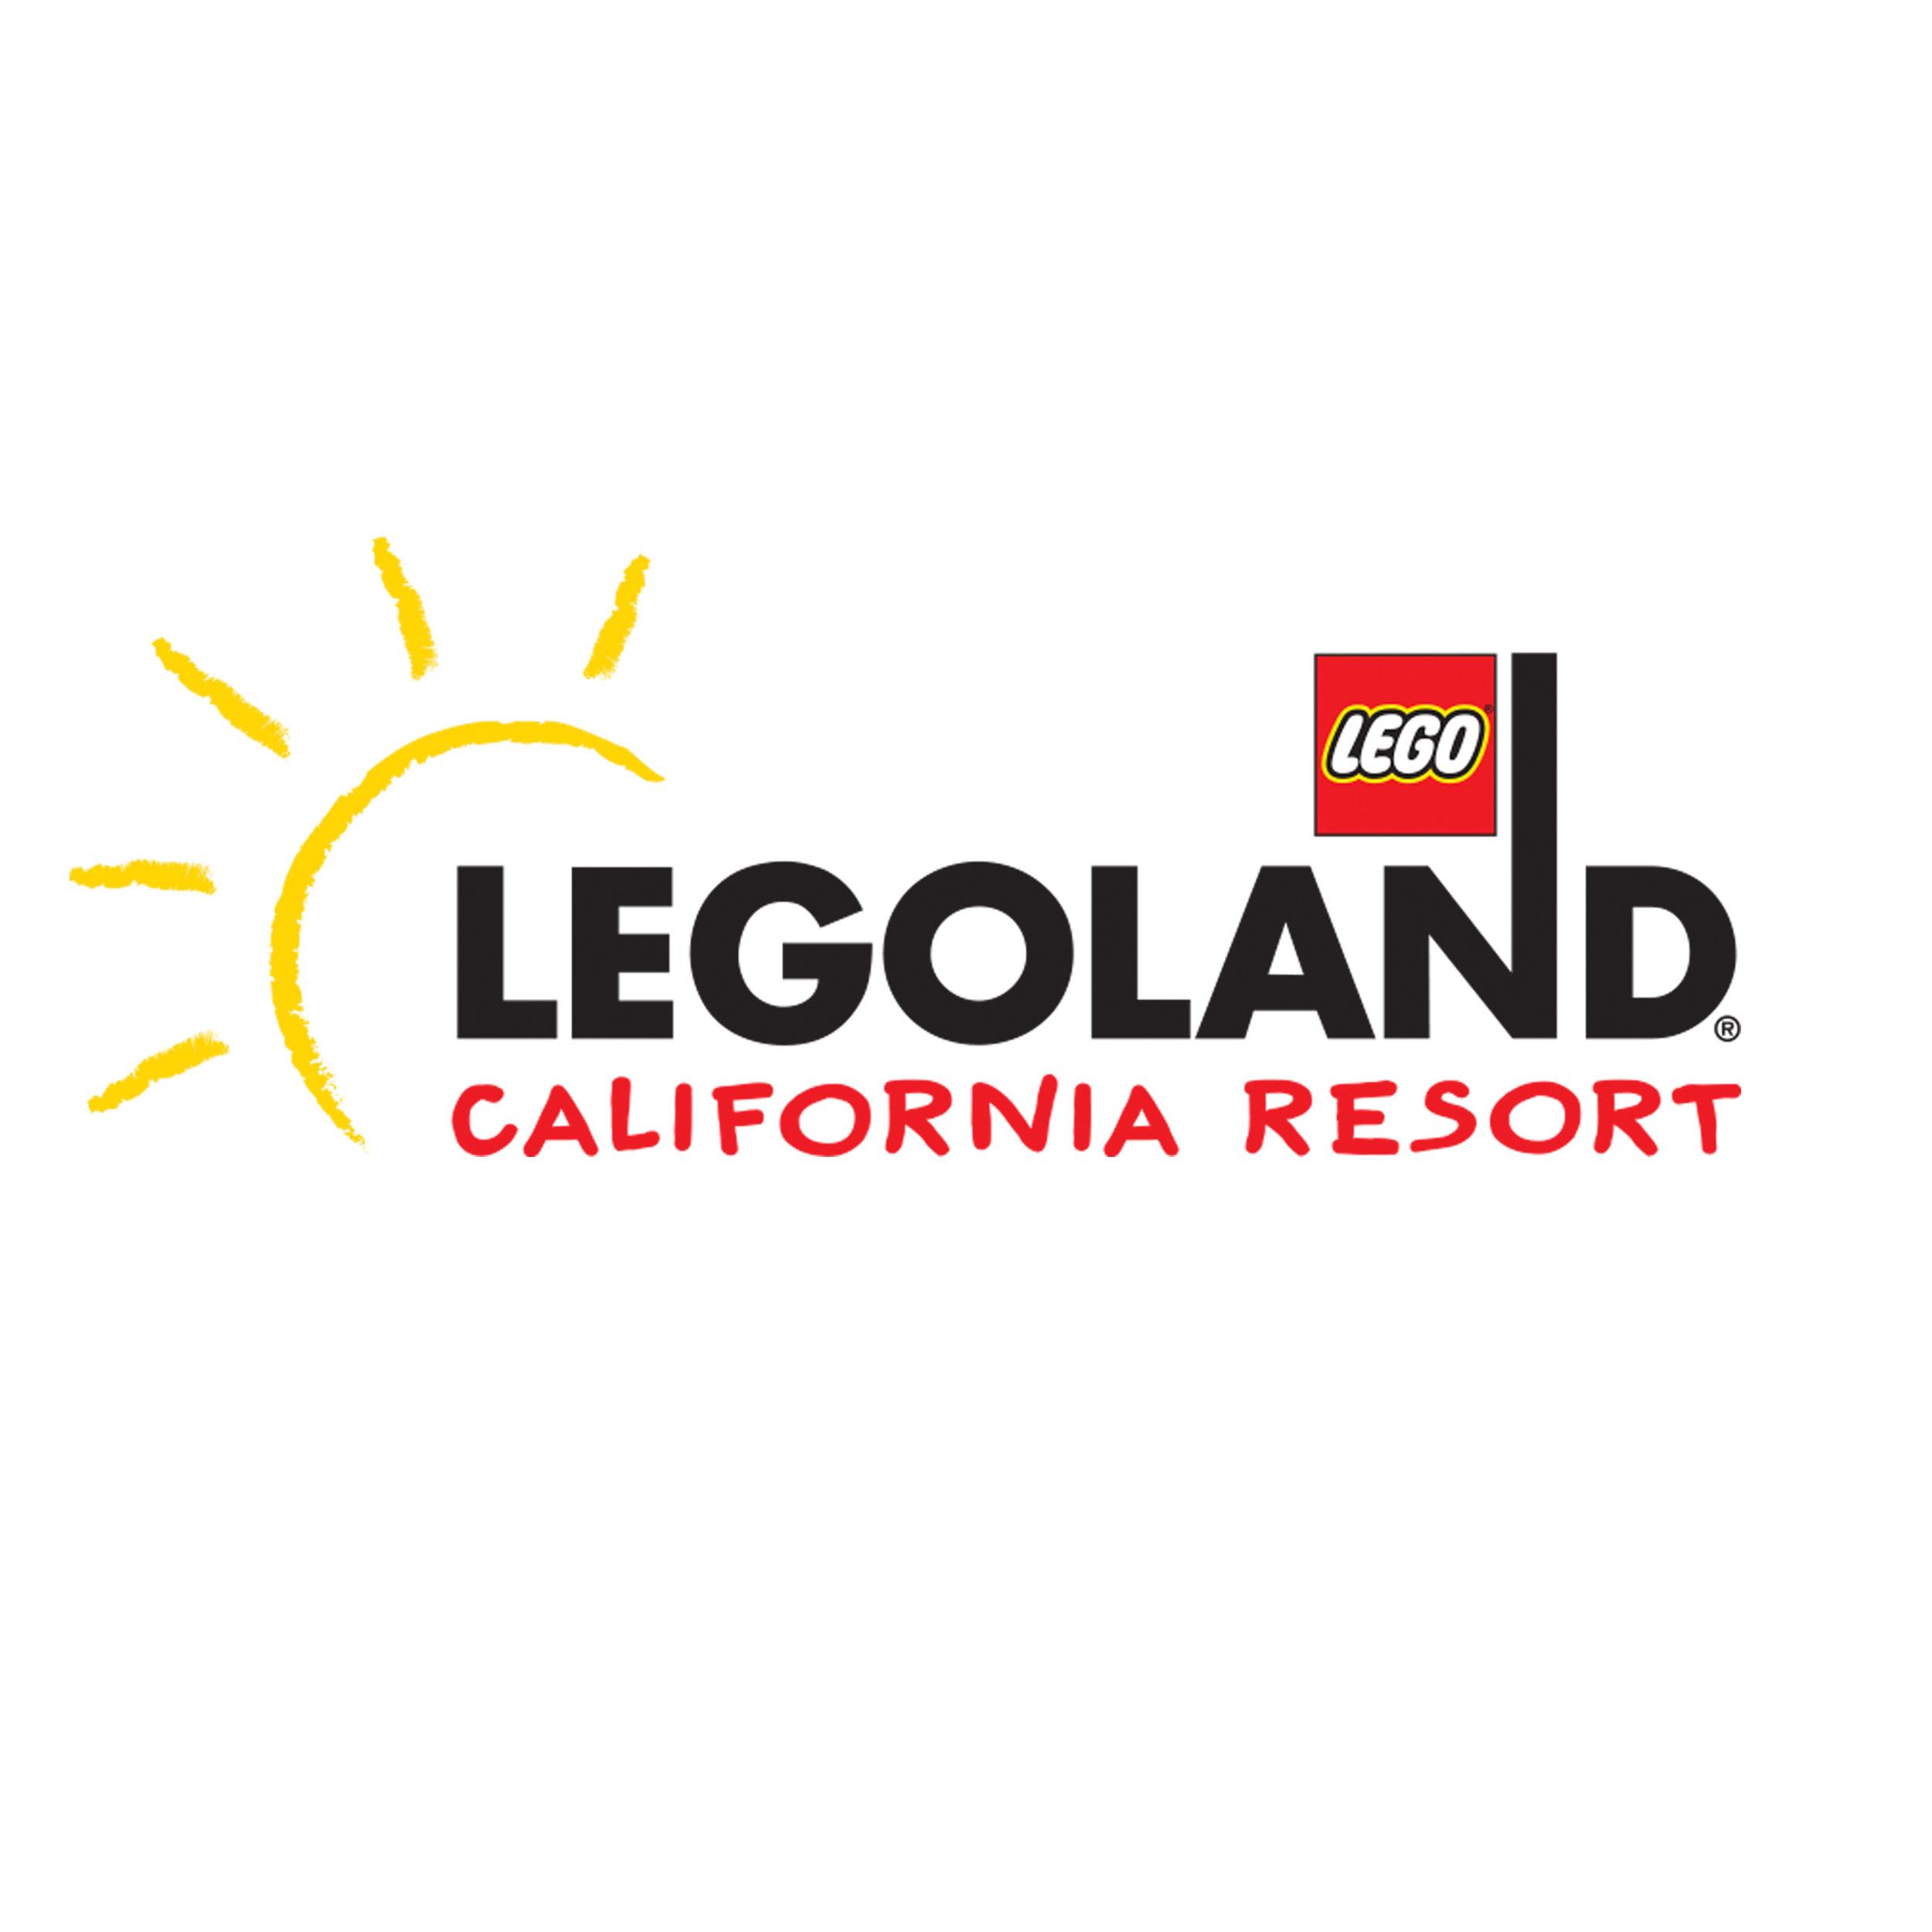 5515-1-Summit2017_Logos_Legoland.jpg